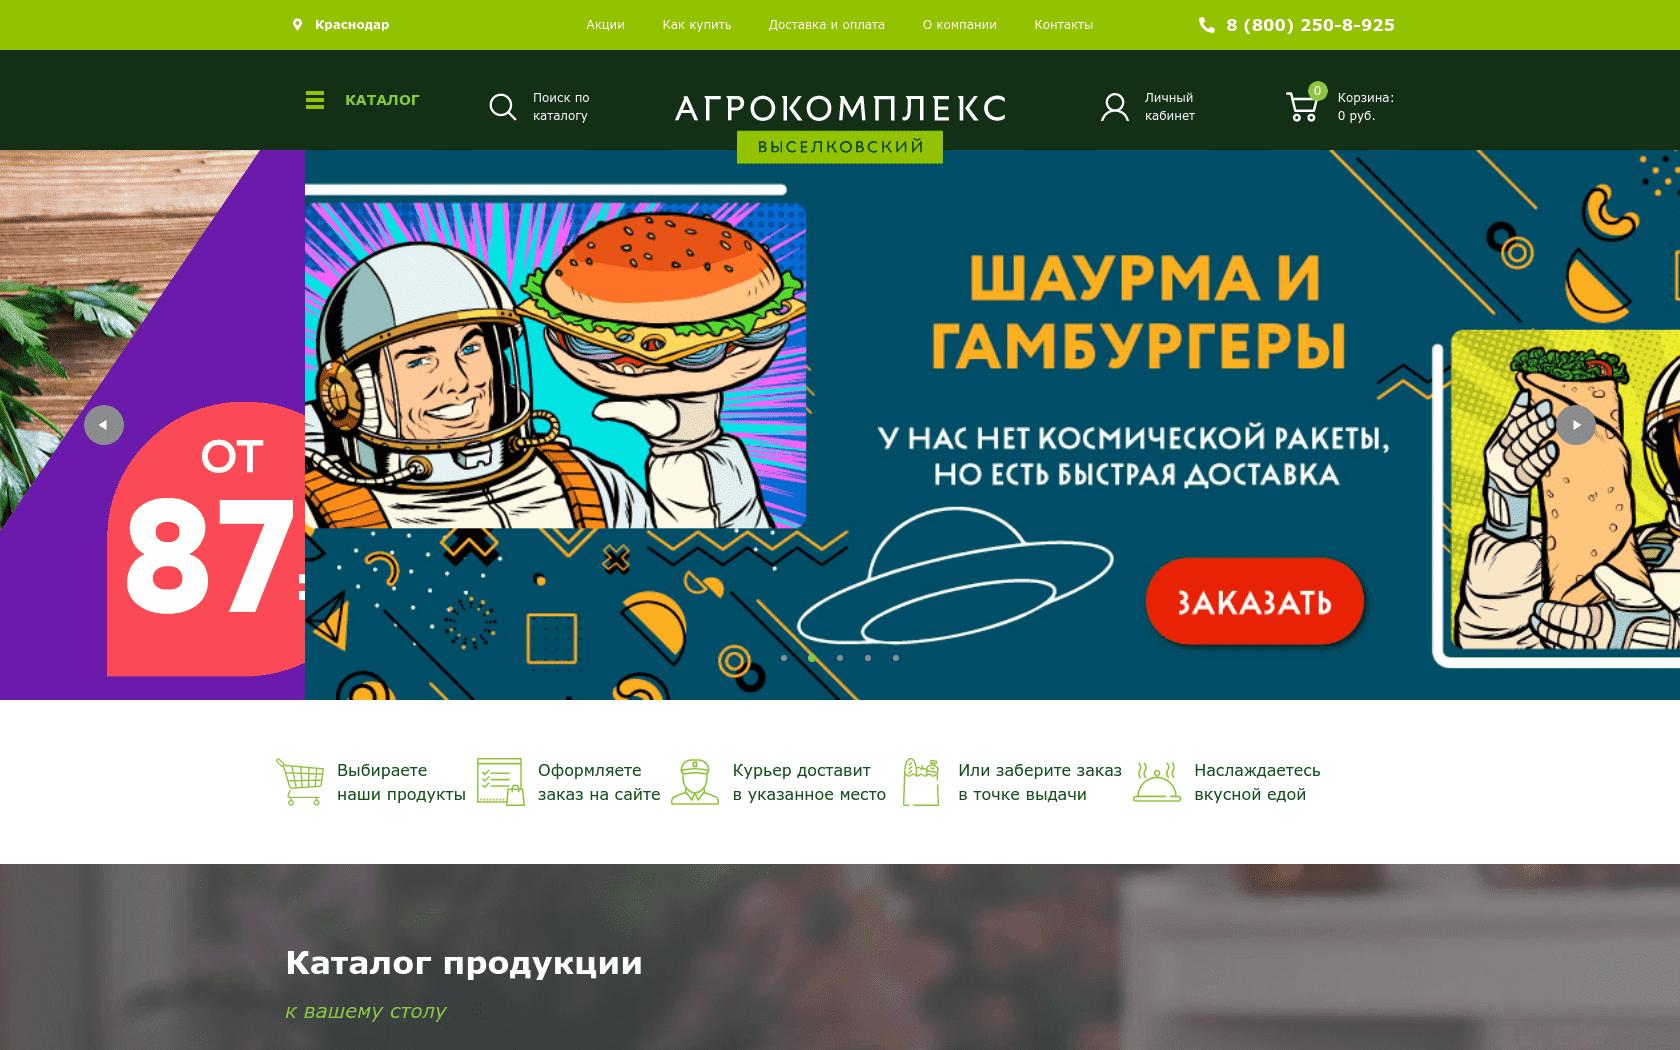 Агрокомплекс Выселковский